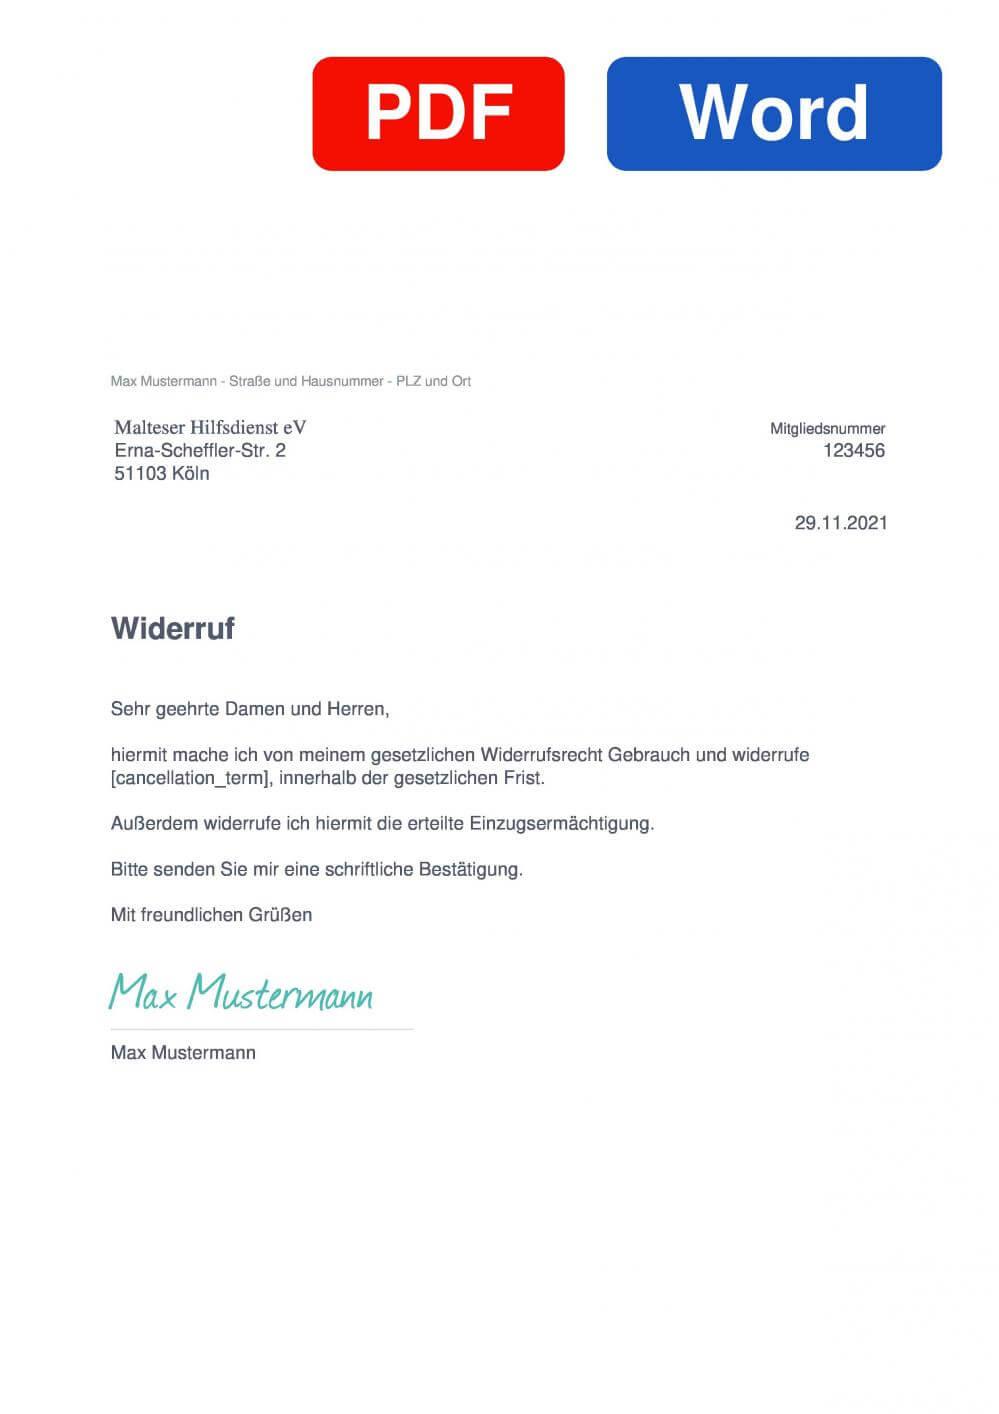 Malteser Muster Vorlage für Wiederrufsschreiben